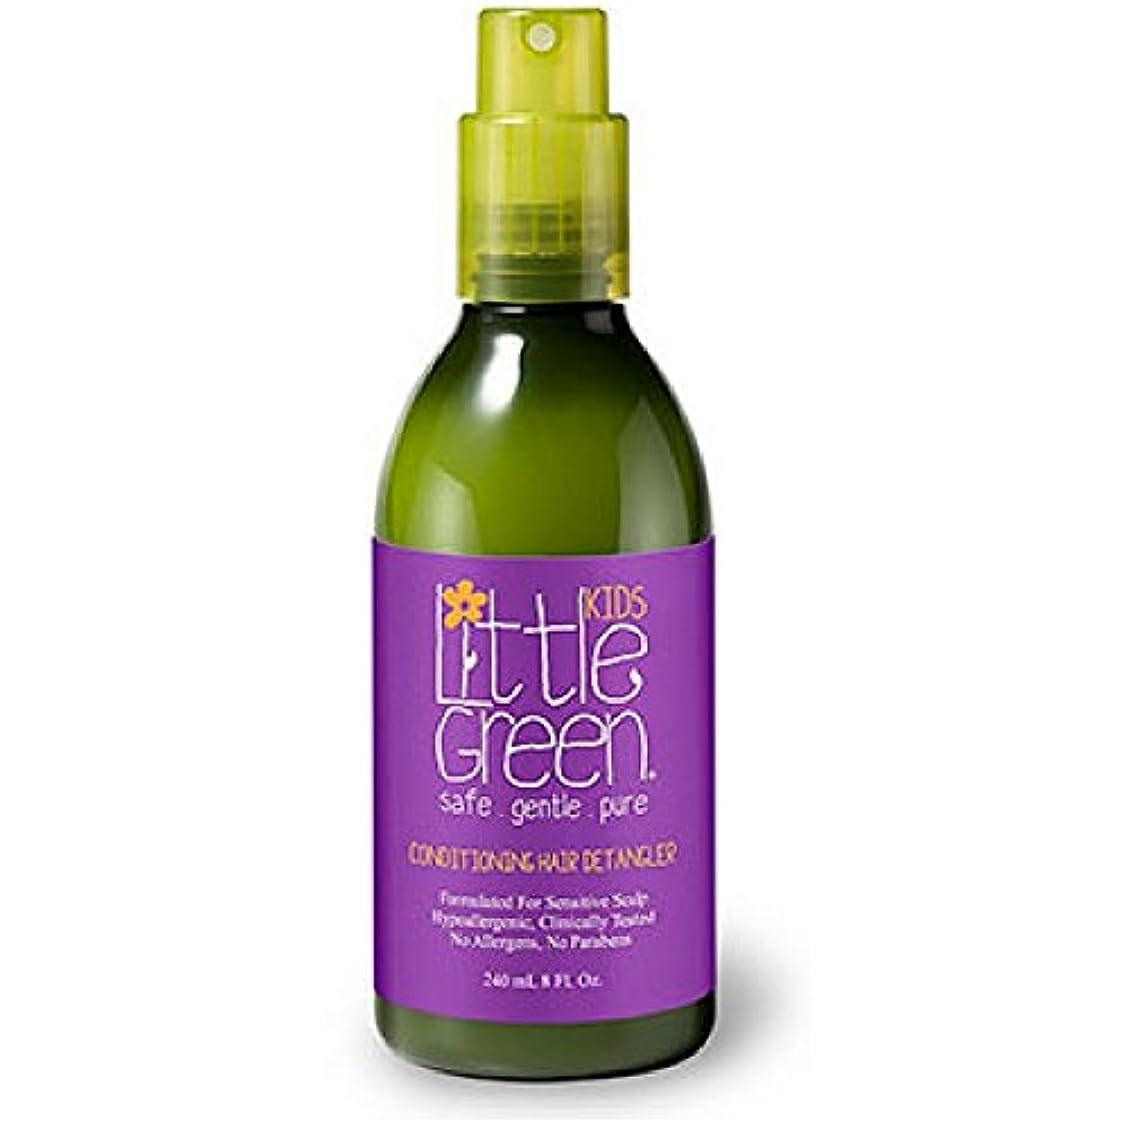 抜本的なコントロール法的Little Green キッズコンディショニングDetangler - 子供Detanglerスプレー - 安全かつ非毒性 - 低刺激性 - - パラベンやグルテンフリー - ウェットまたはドライの髪に使用し臨床的に子供...